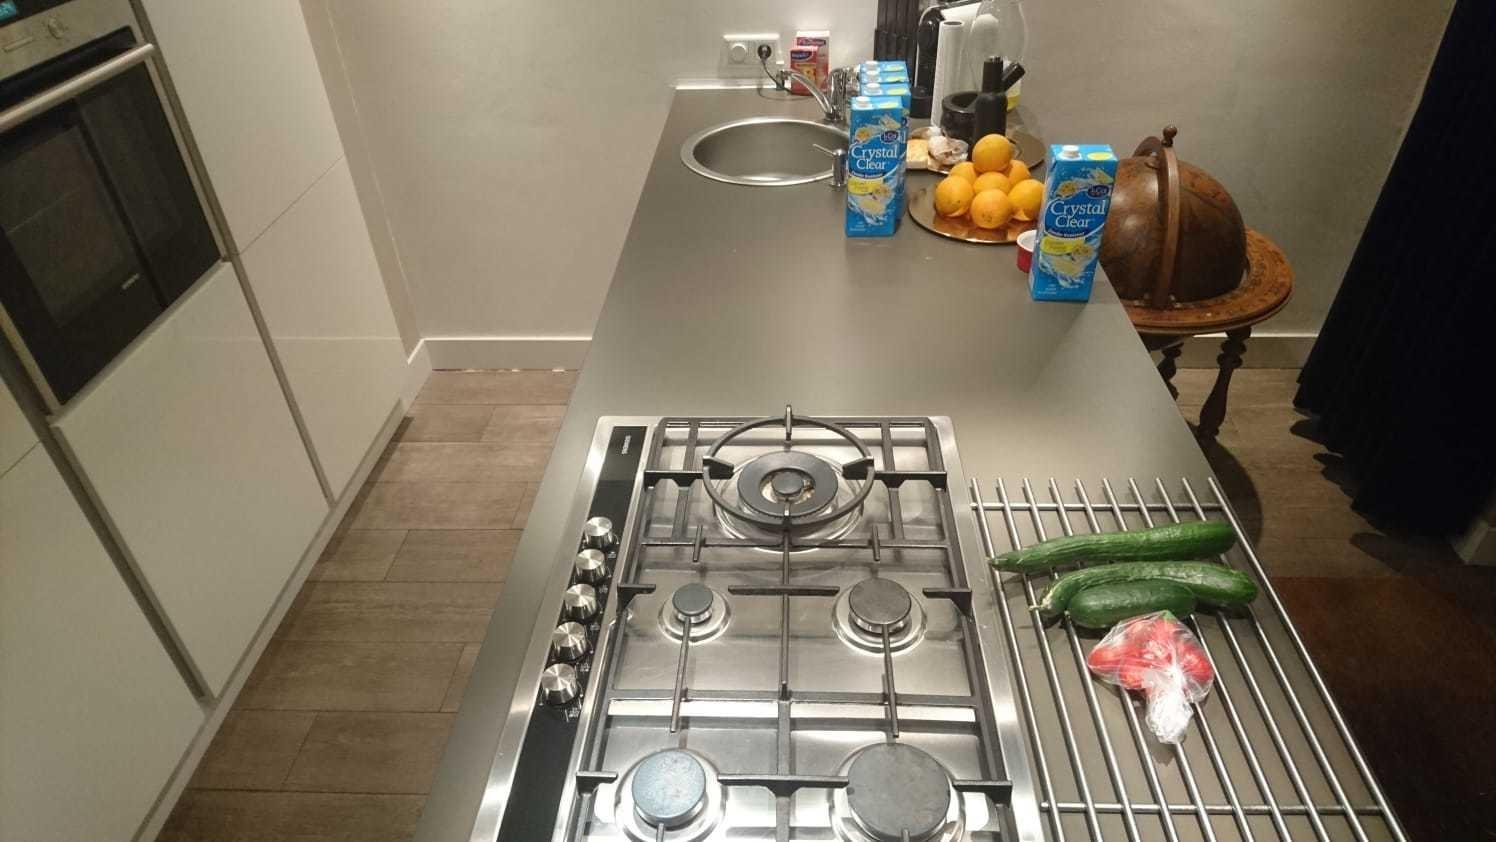 Beroemd Aantal spotjes in woonkamer met open keuken - Wonen & Verbouwen - GoT BT03